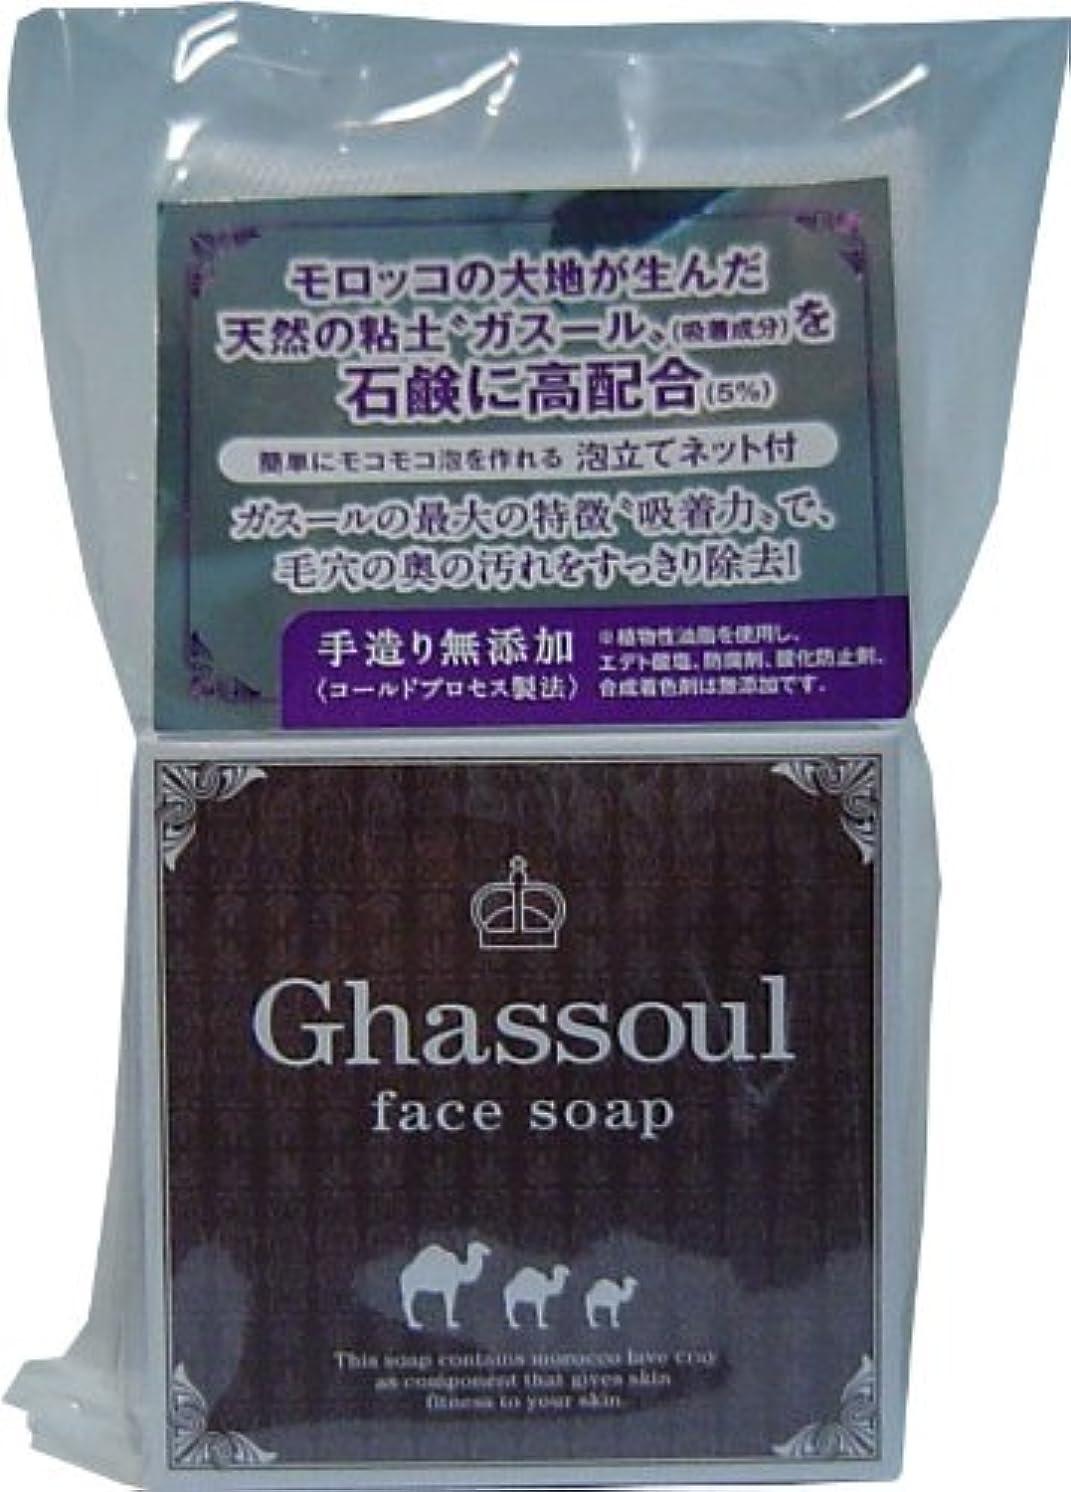 退院ローンフェロー諸島簡単にモコモコ泡を作れる泡立てネット付き!Ghassoul face soap ガスールフェイスソープ 100g